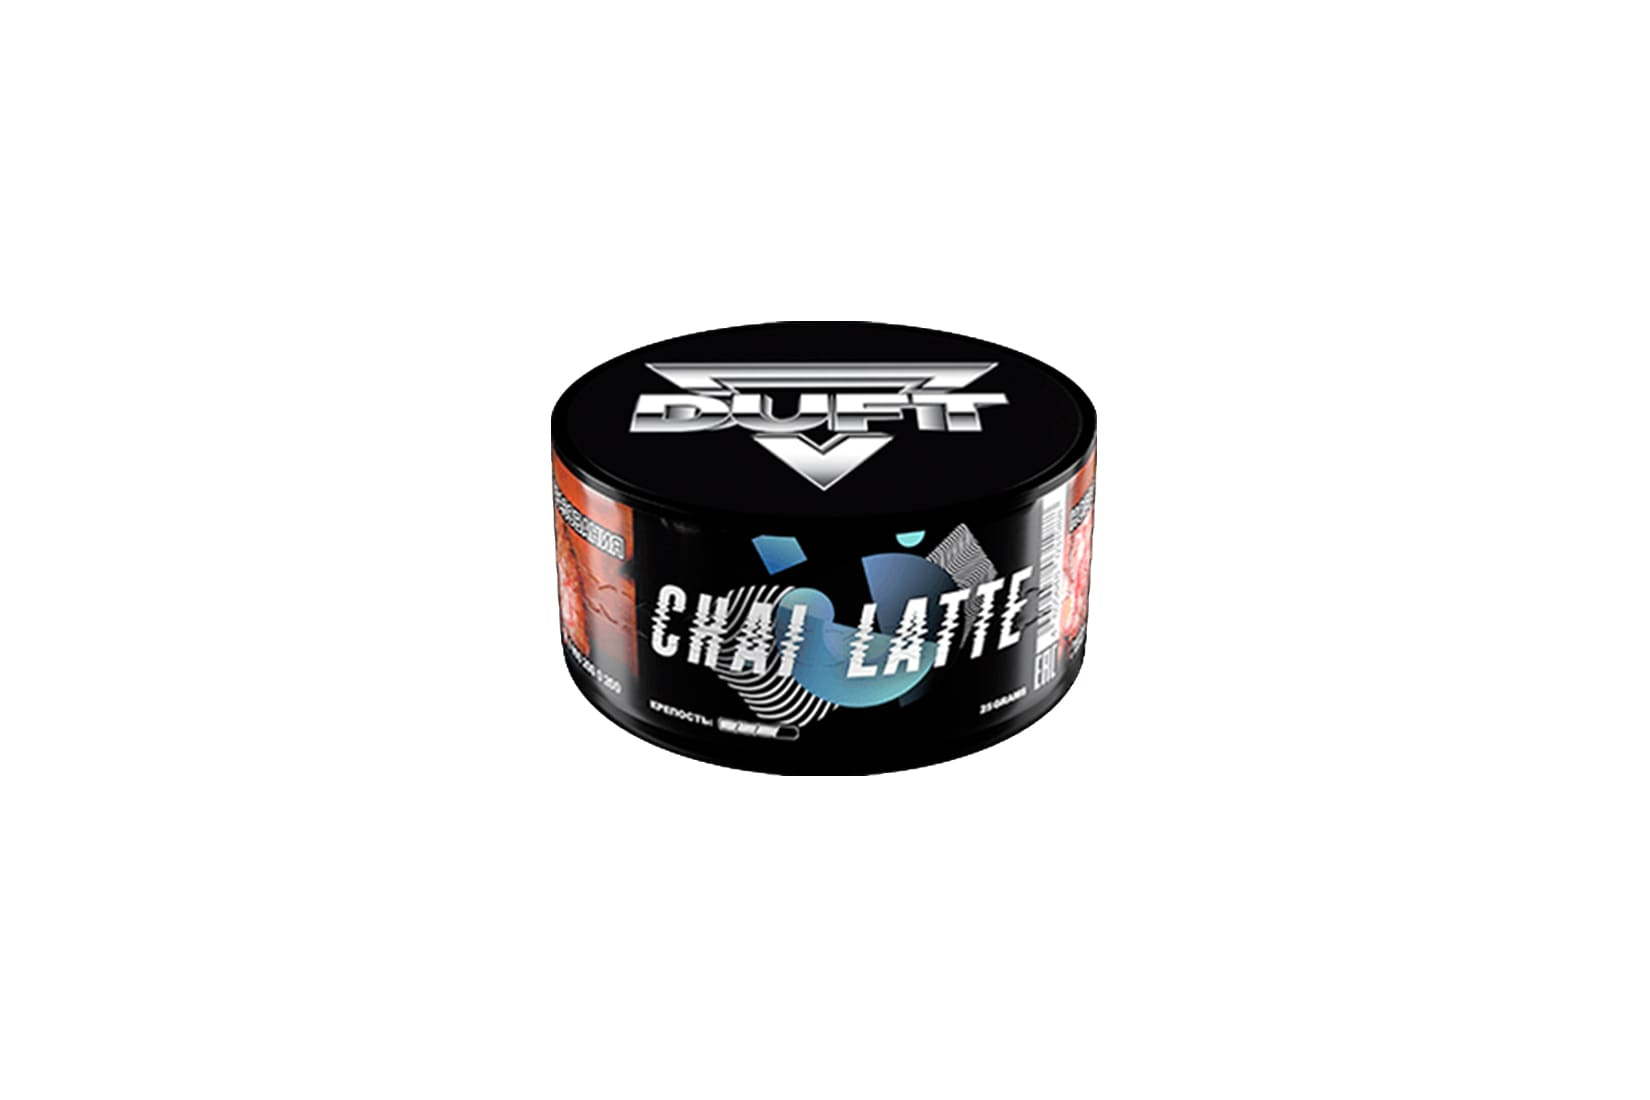 Табак для кальяна DUFT CHAI LATTE – описание, миксы, отзывы